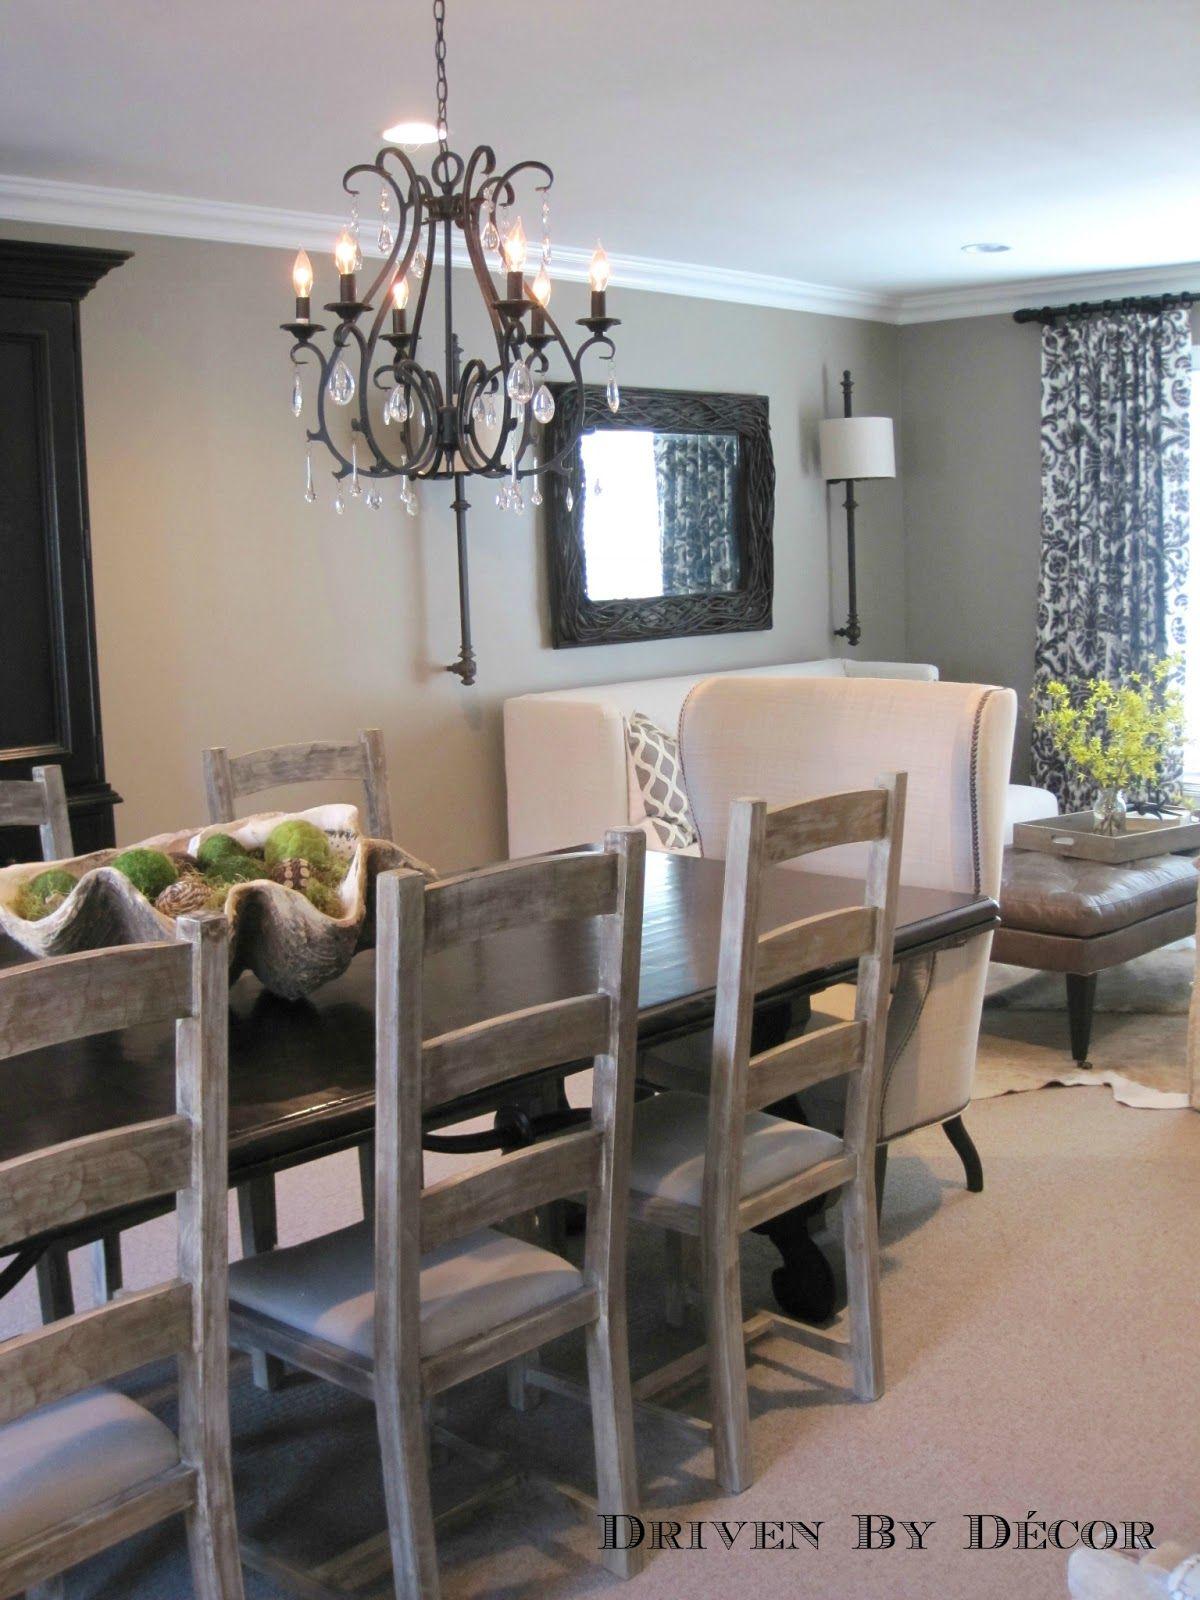 Dining Room Design Ideas: Mixed Seating | Stuhl, Esszimmer und Bilder